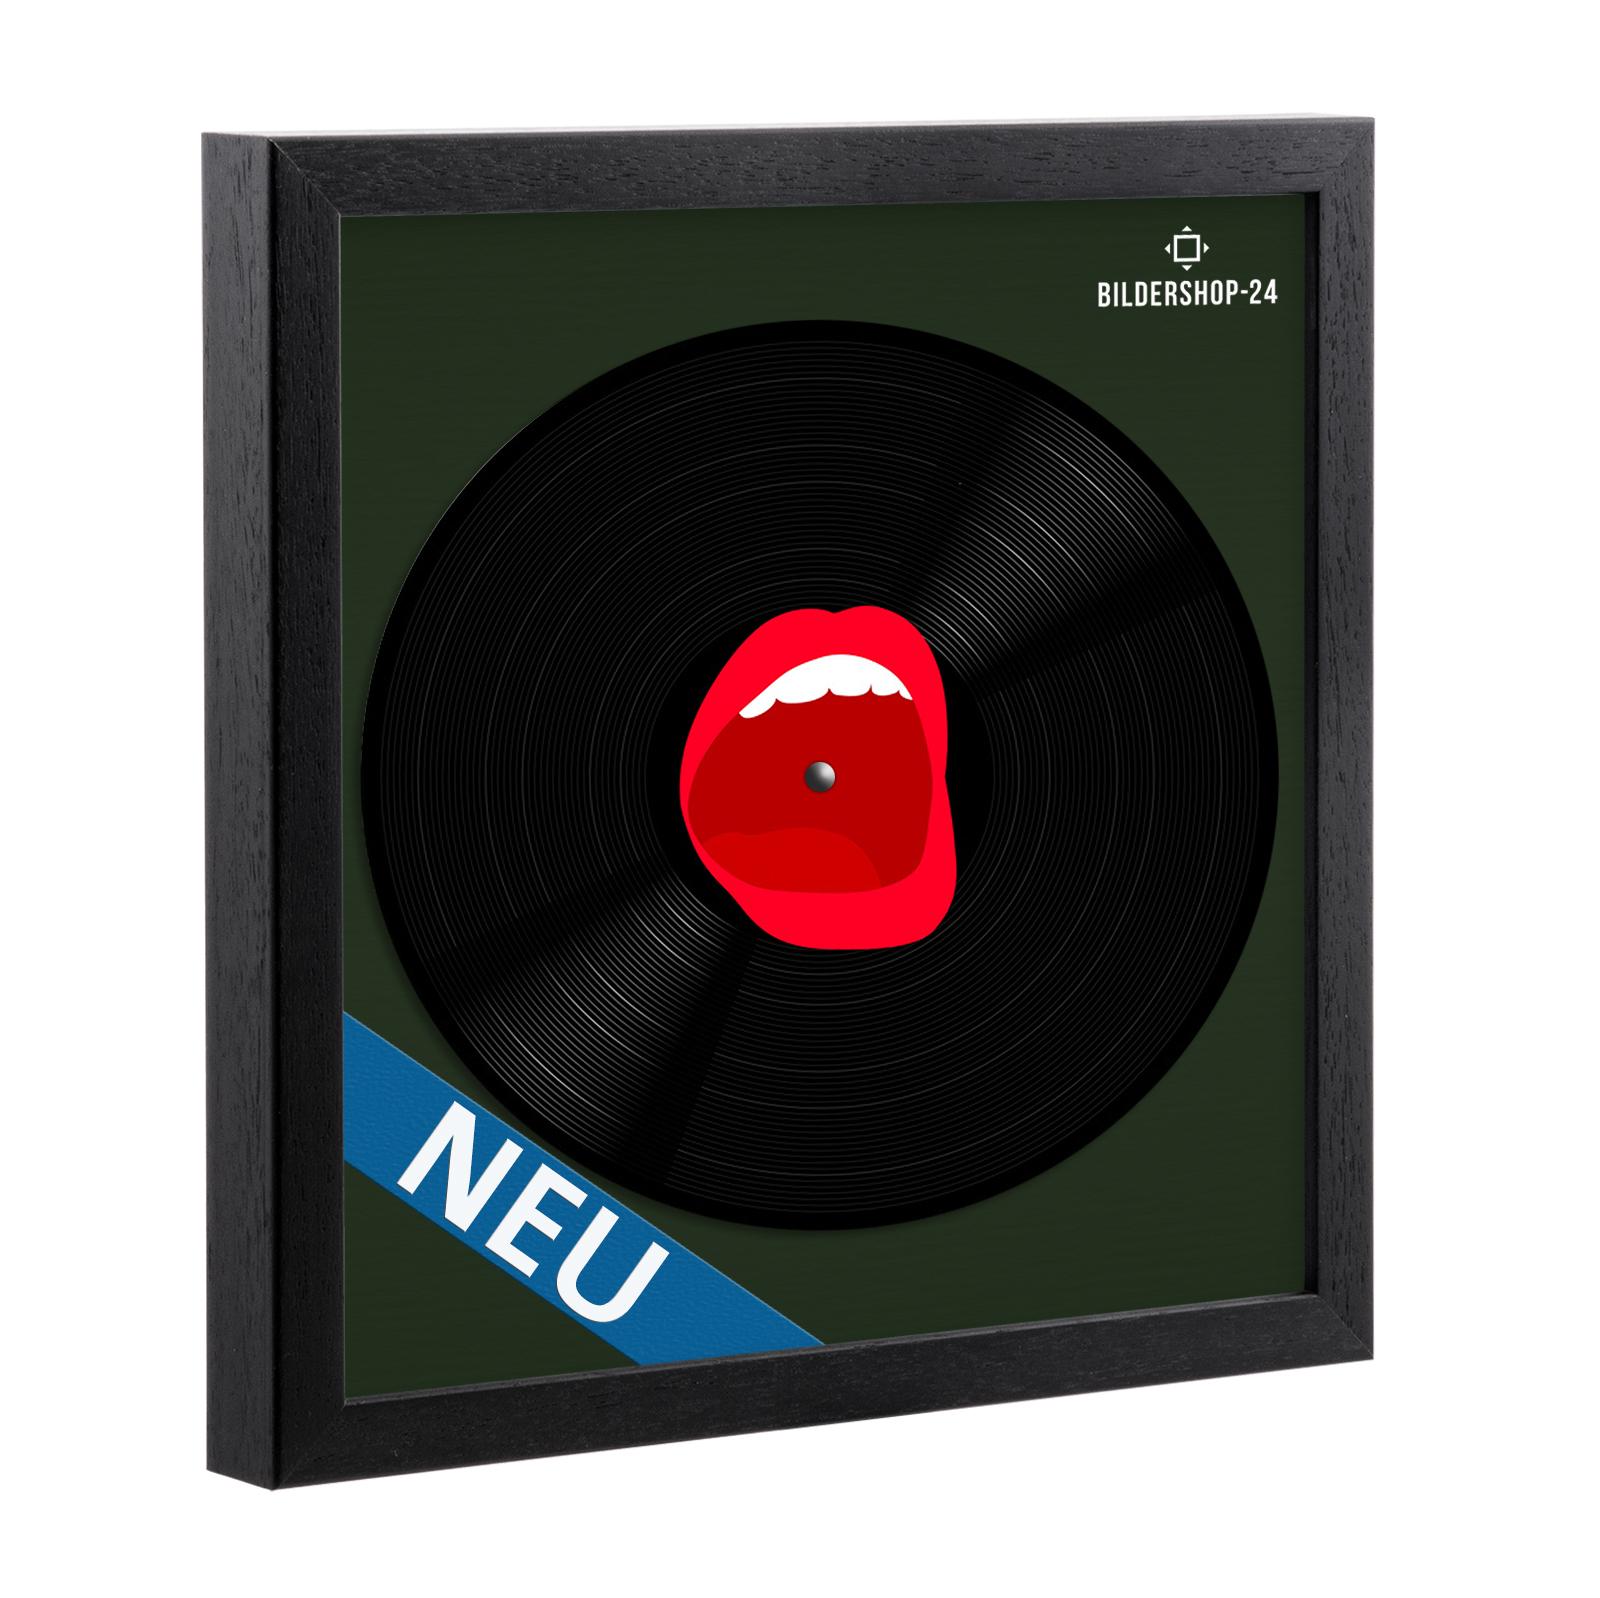 Schallplattenrahmen Rahmen für Vinyl Schallplatte in Schwarz NEU ...